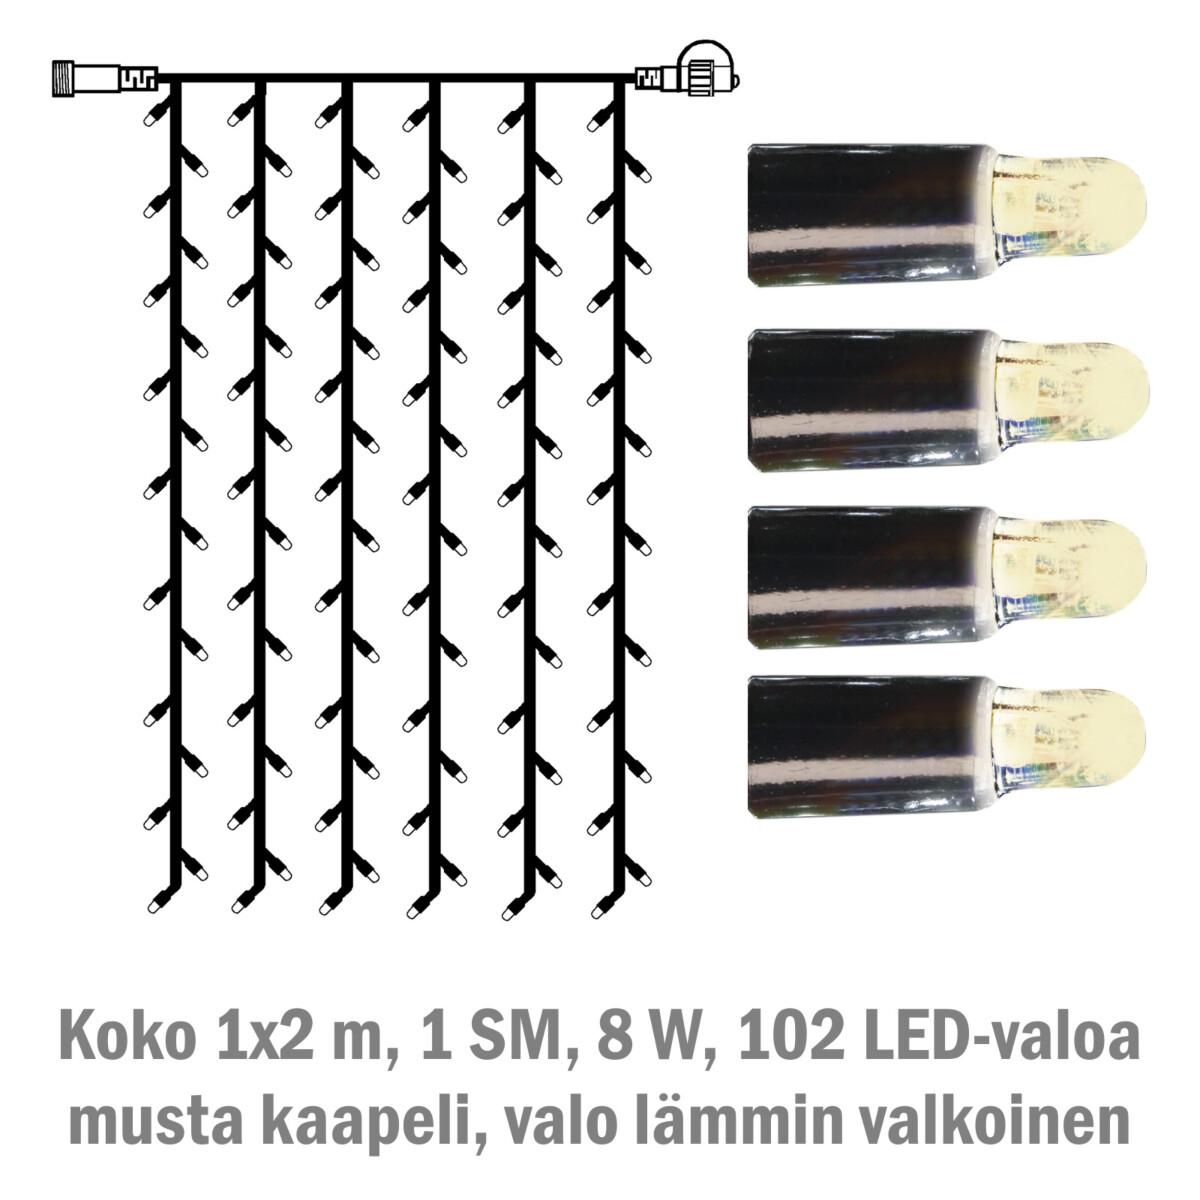 4. Valotehoon vaikuttavat pintamateriaalit